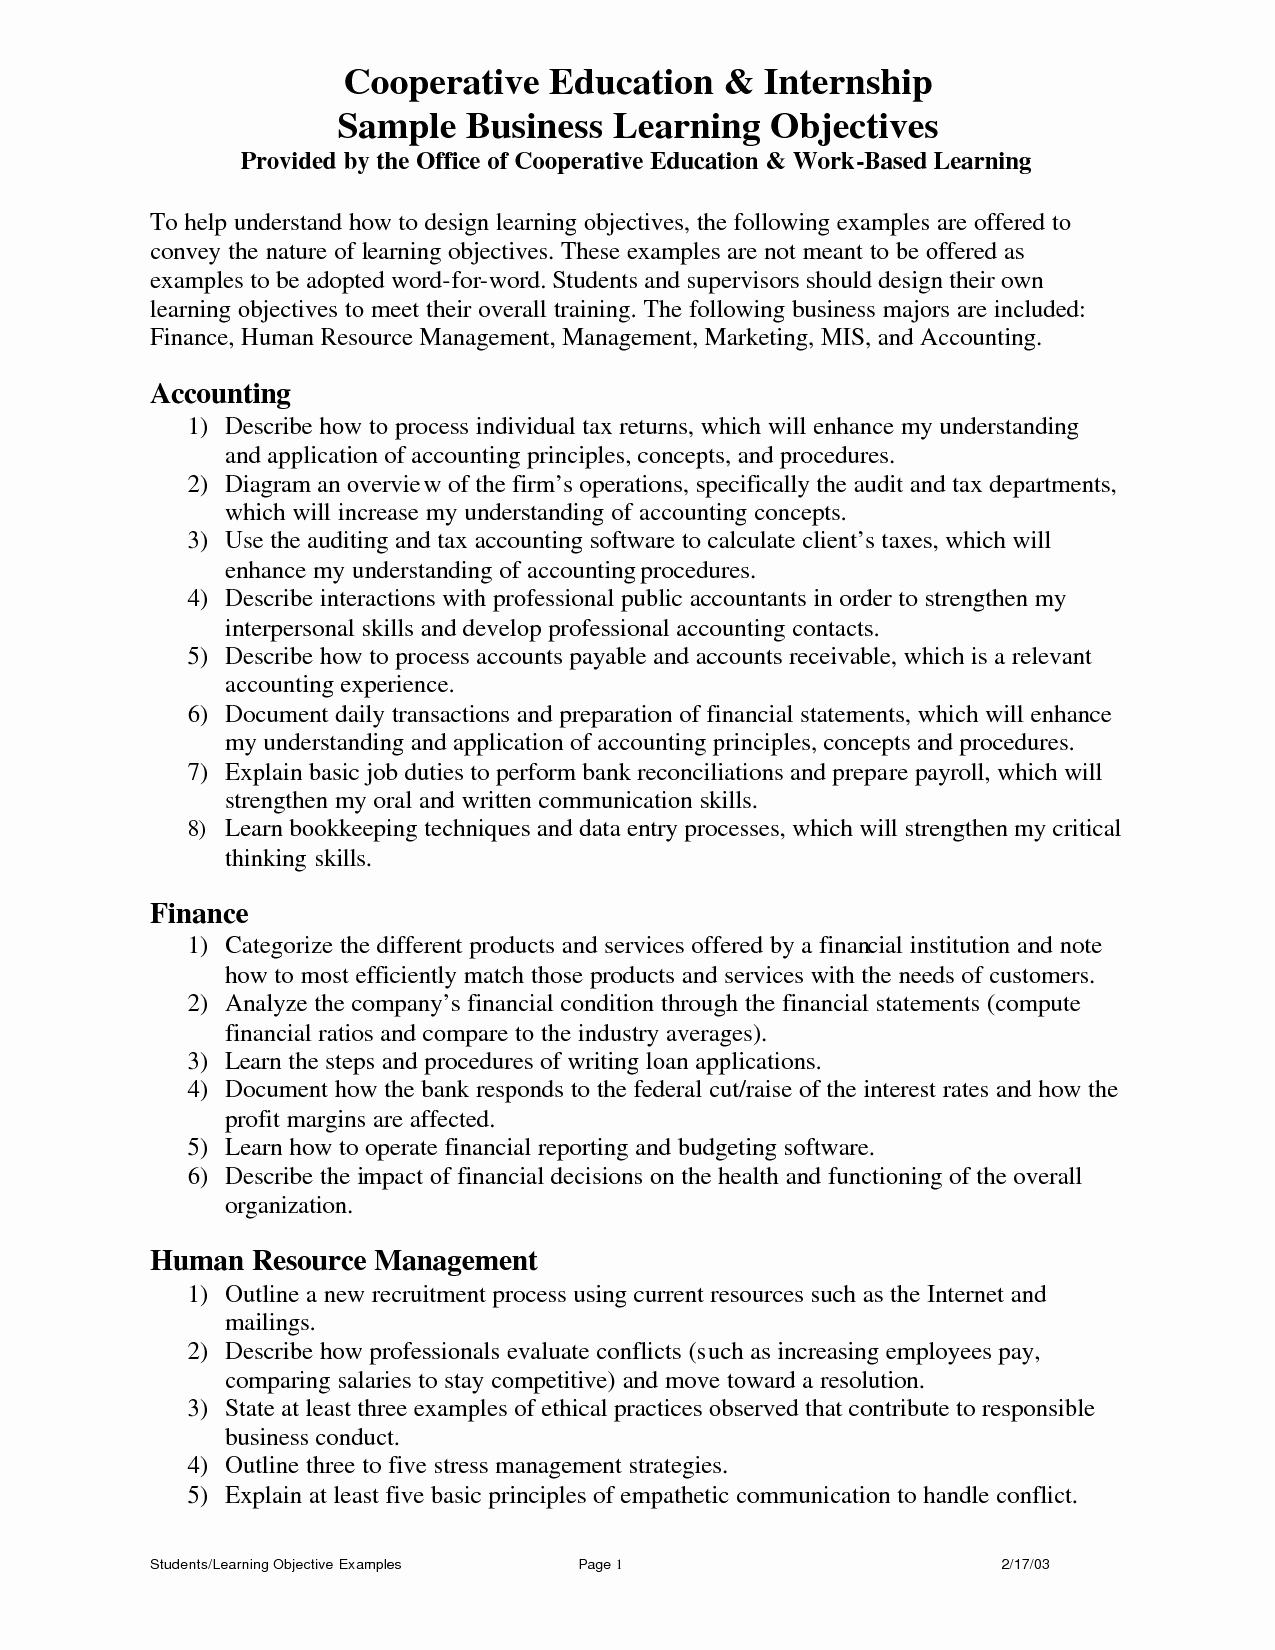 Cover Letter for Nursing Internship Oursearchworld